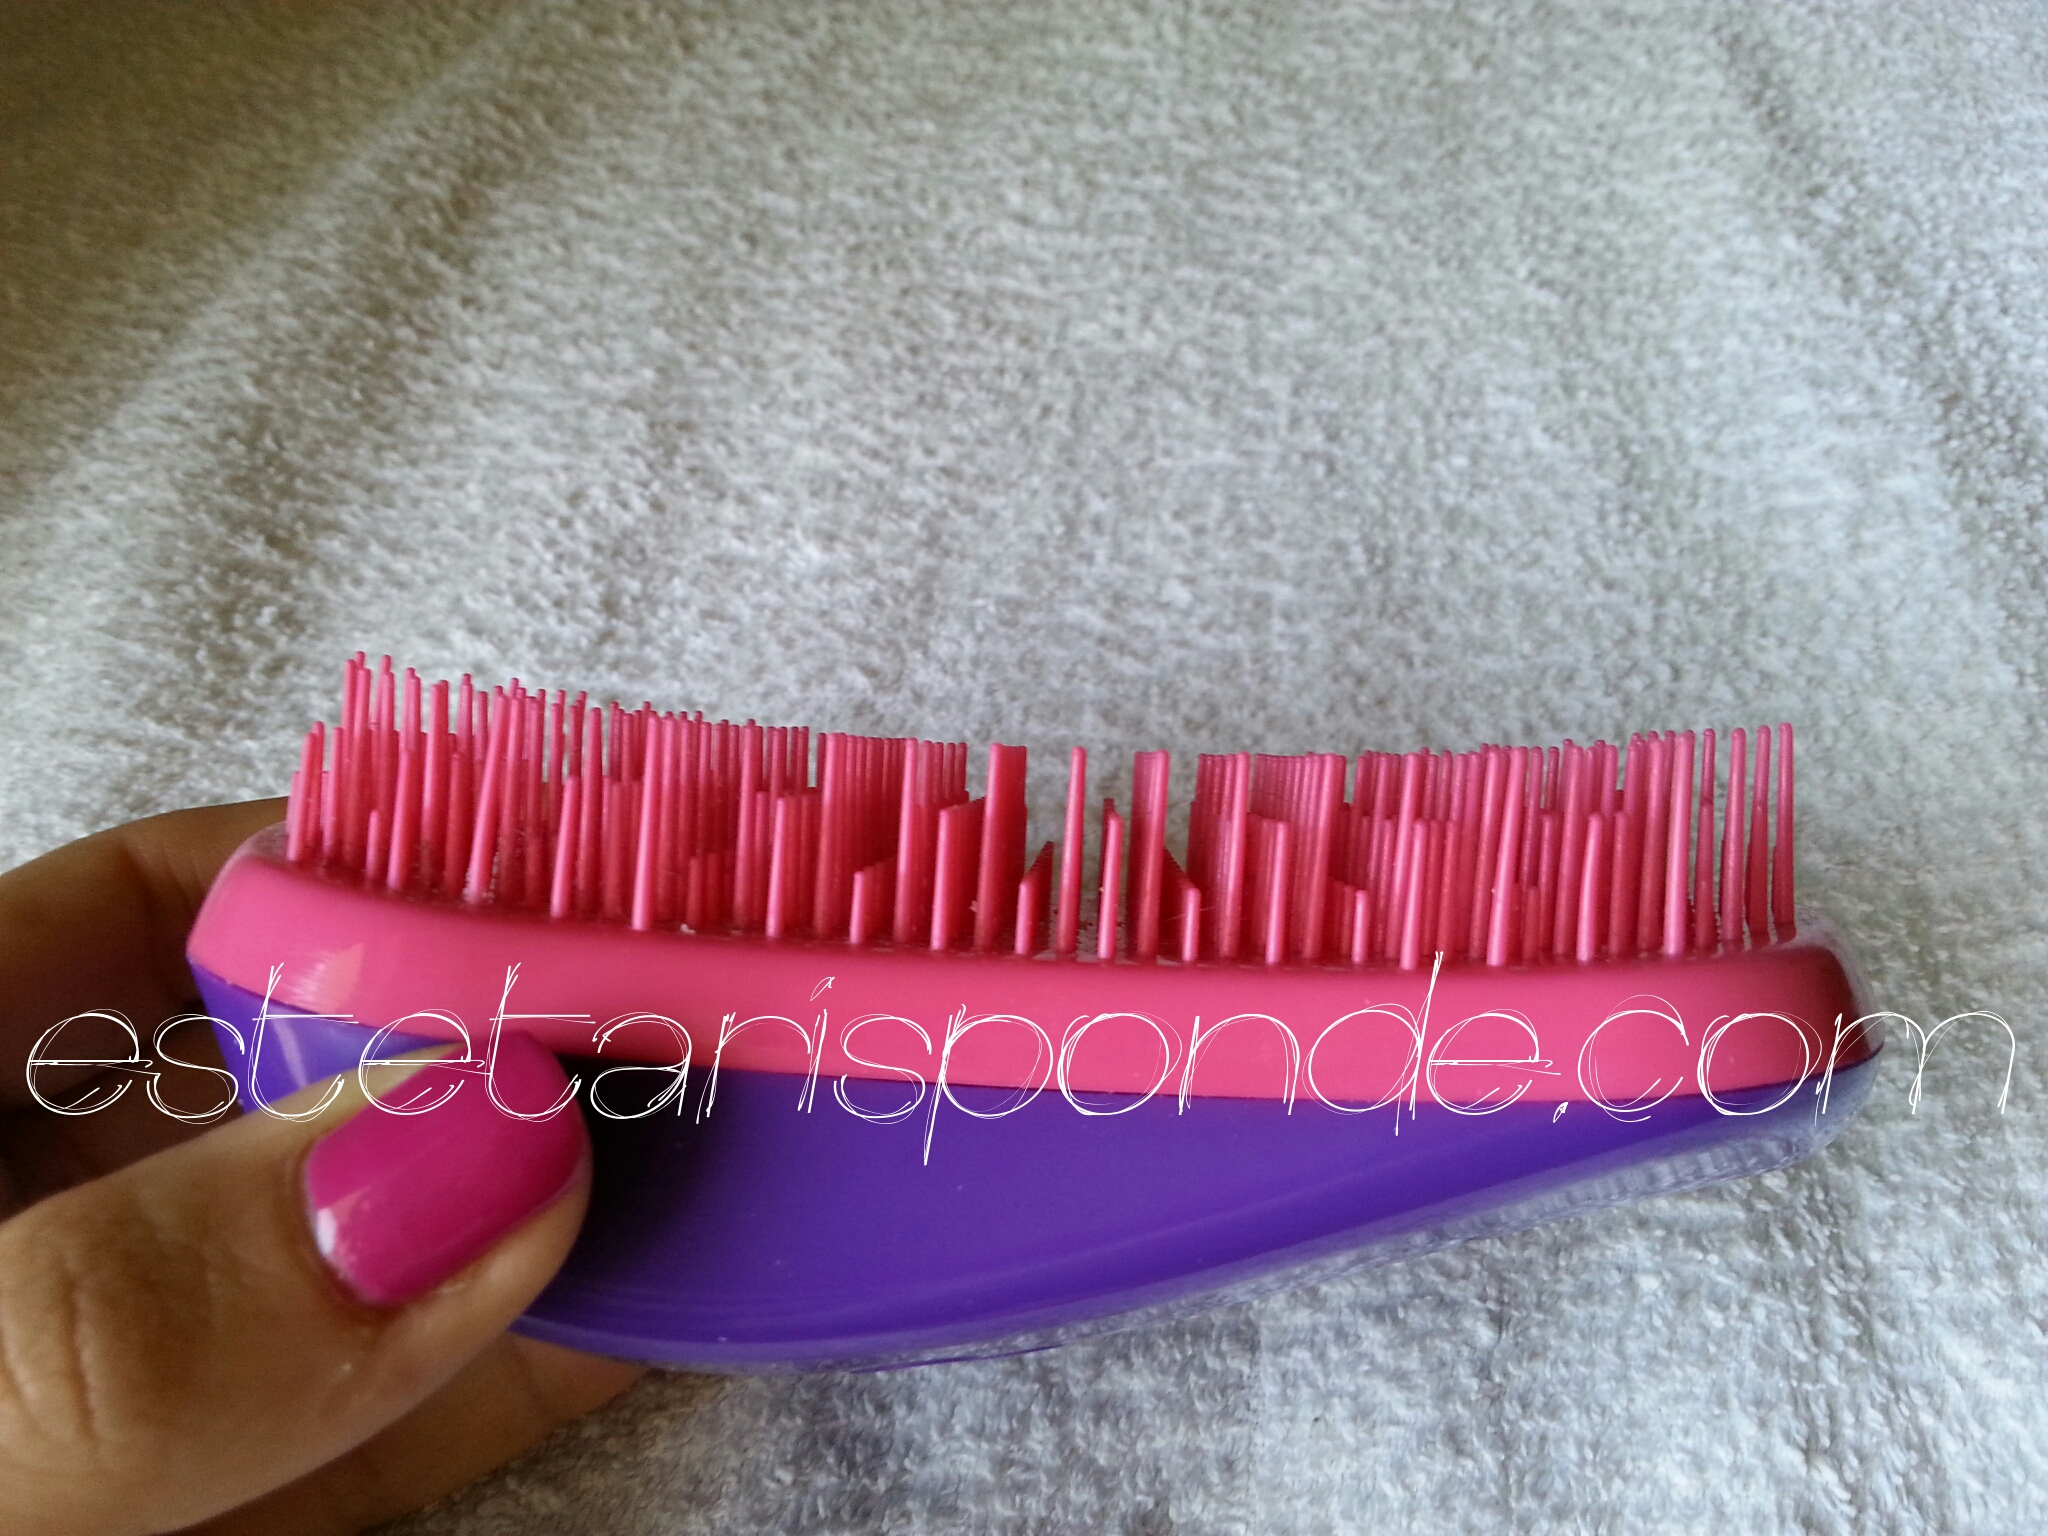 Dessata brush - spazzola ergonomica